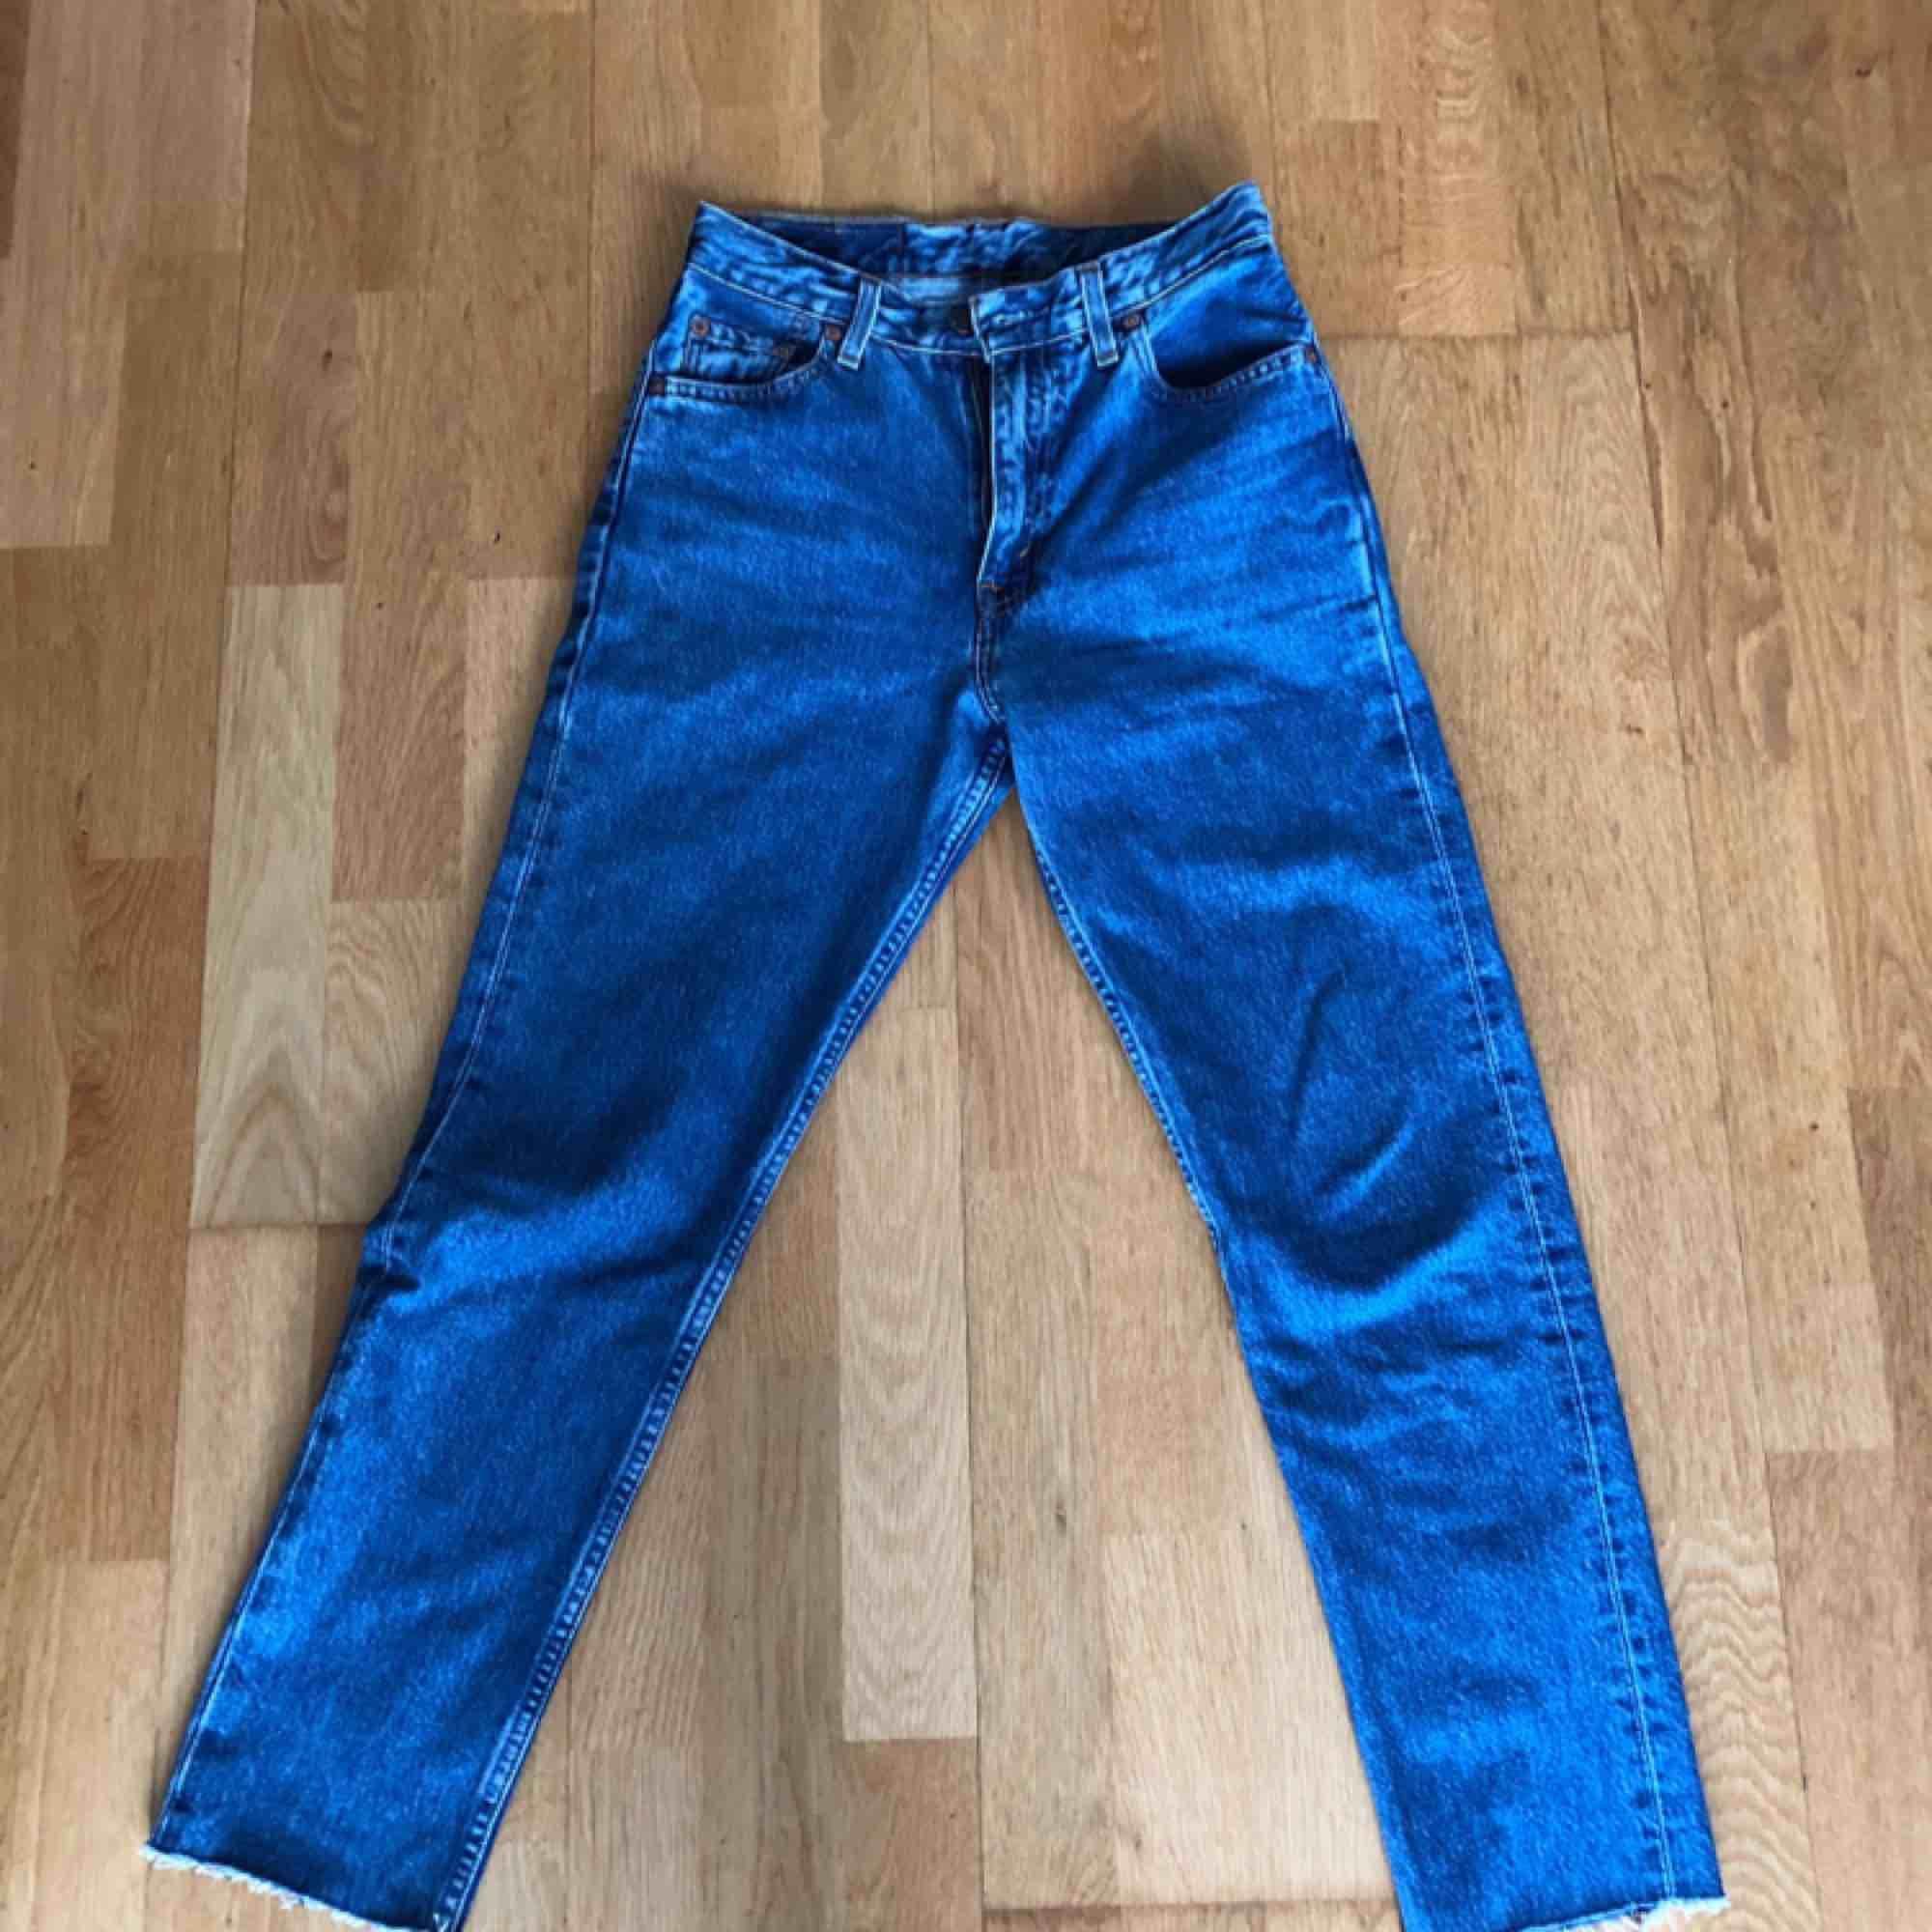 snygga levi's jeans🔥 förra ägaren har klippt av en liten bit längst ner frakten ingår i priset💌 spårbar frakt❤️ (demma säljs åt en kompis)🌻. Jeans & Byxor.